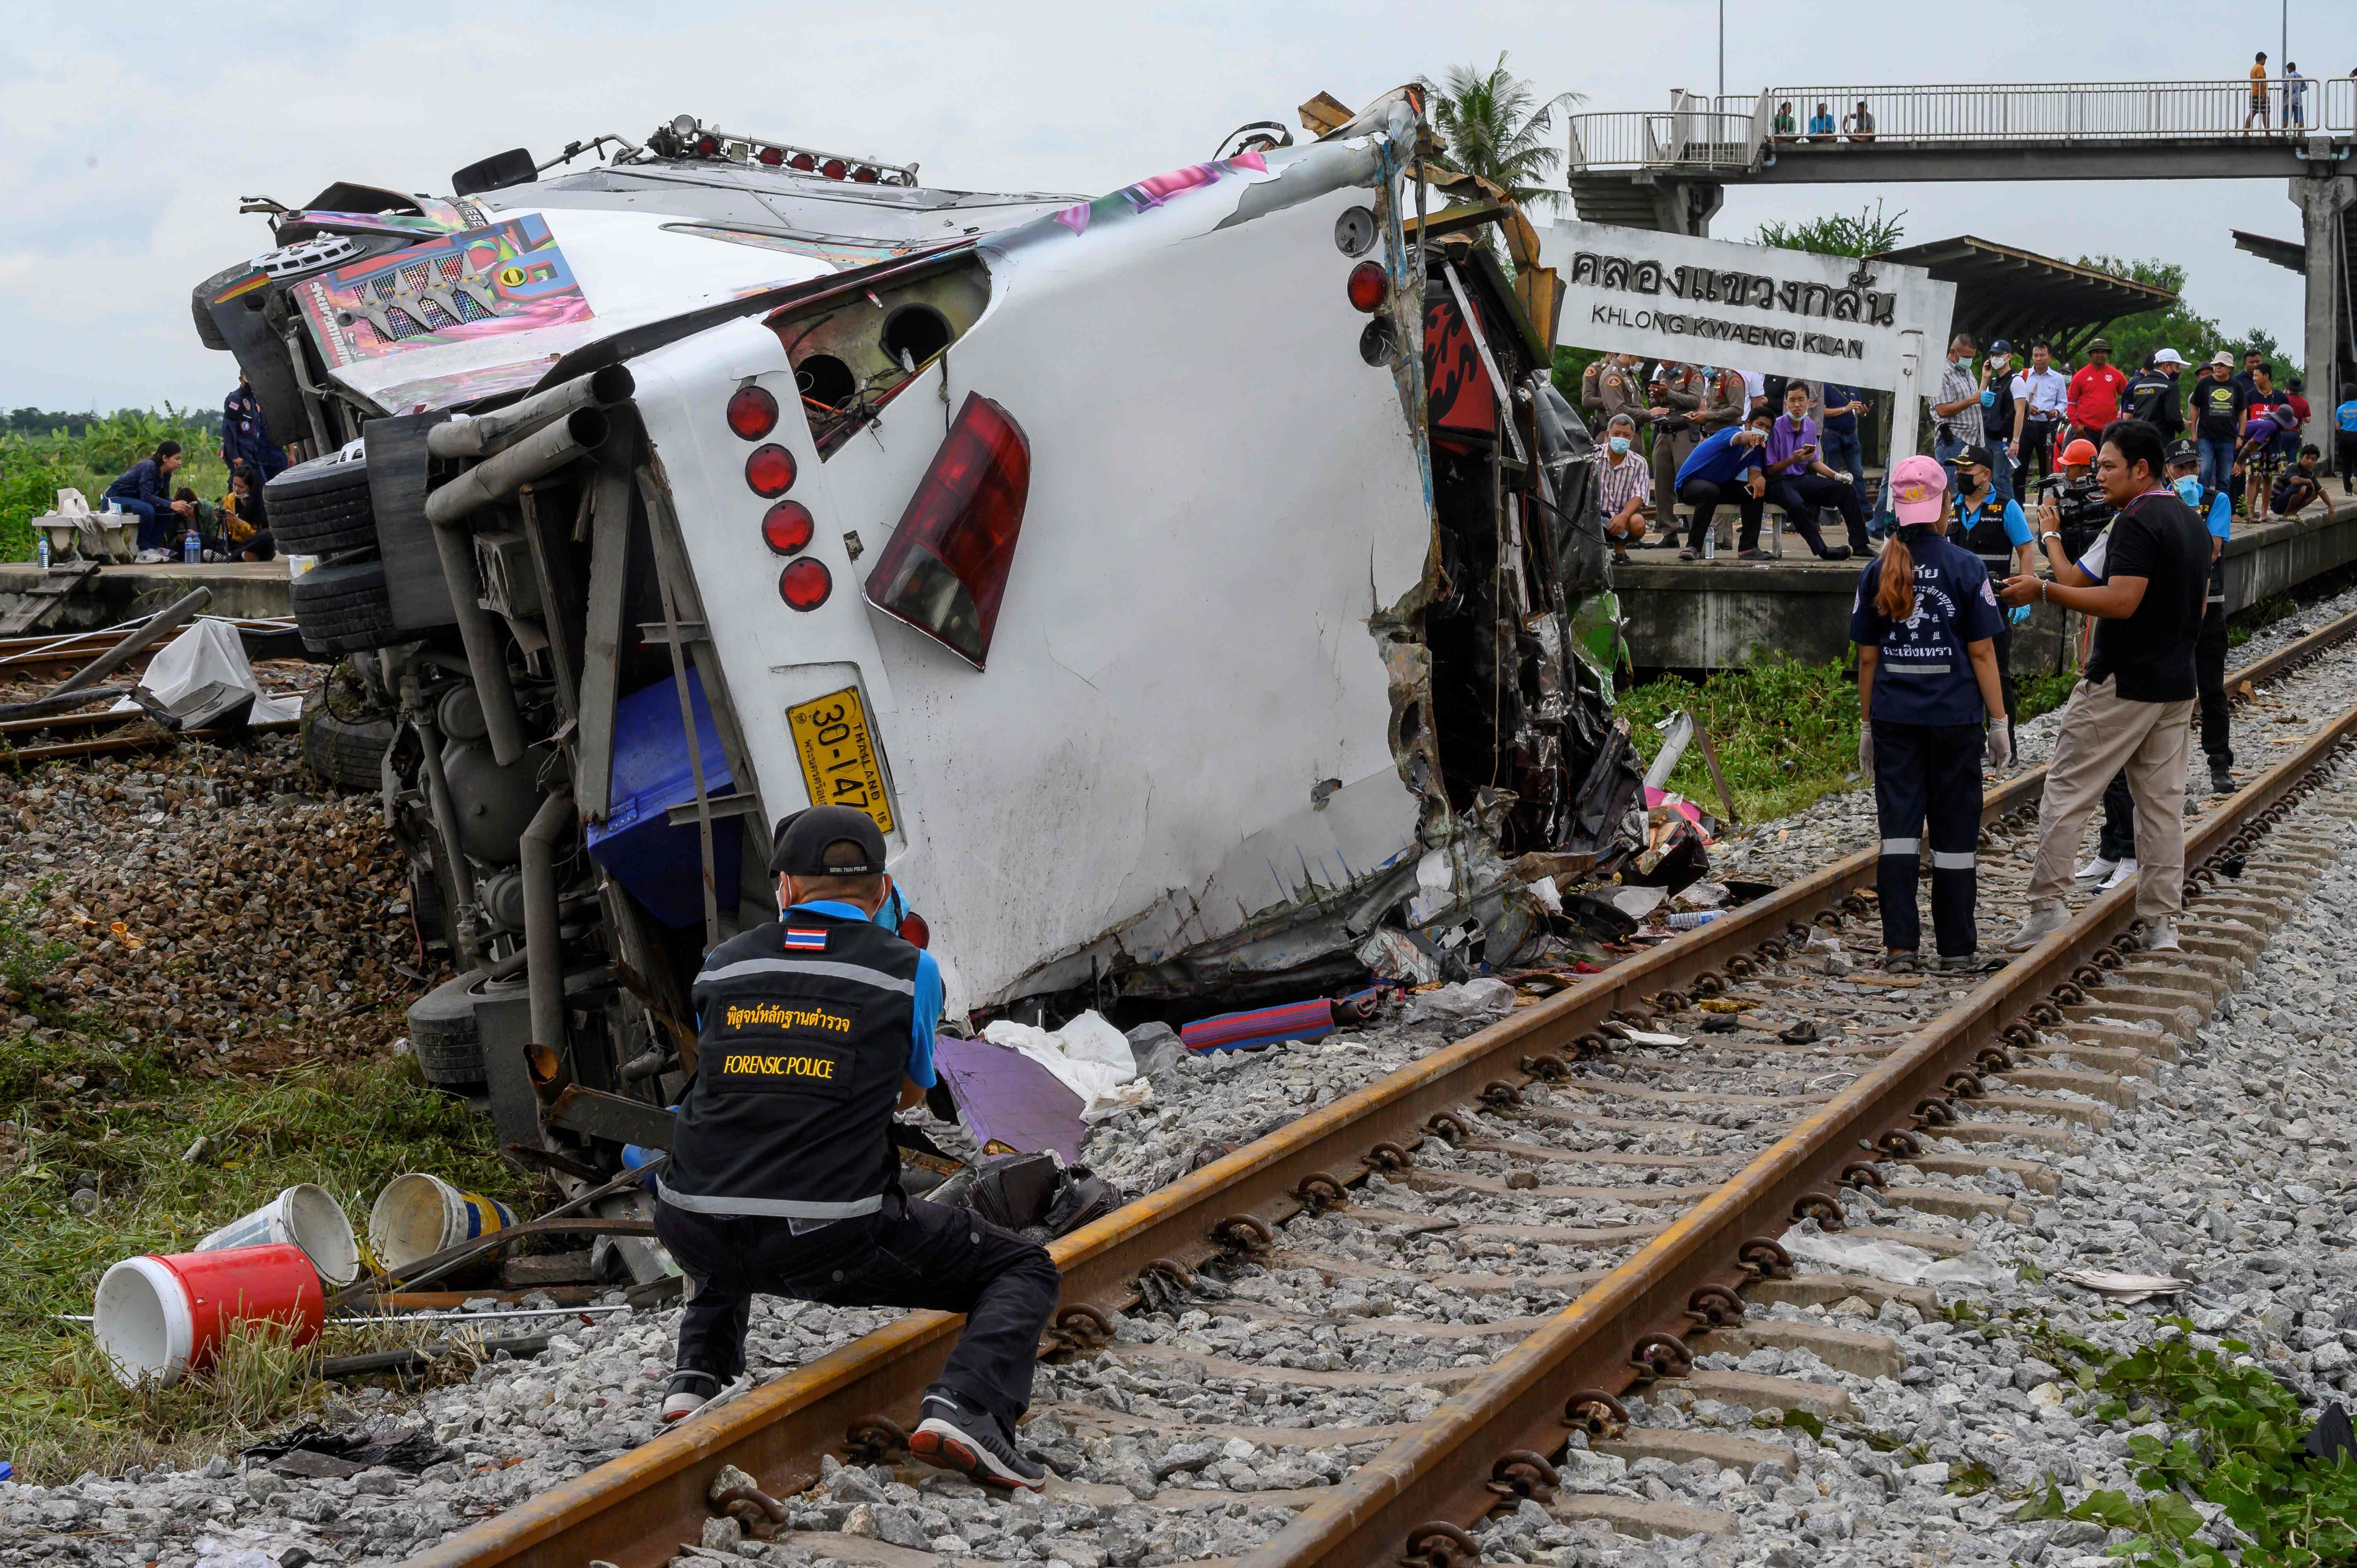 10月11日,泰國中部北柳府發生一起火車與巴士相撞事故,目前已導致17人死亡,30人受傷。(法新社)